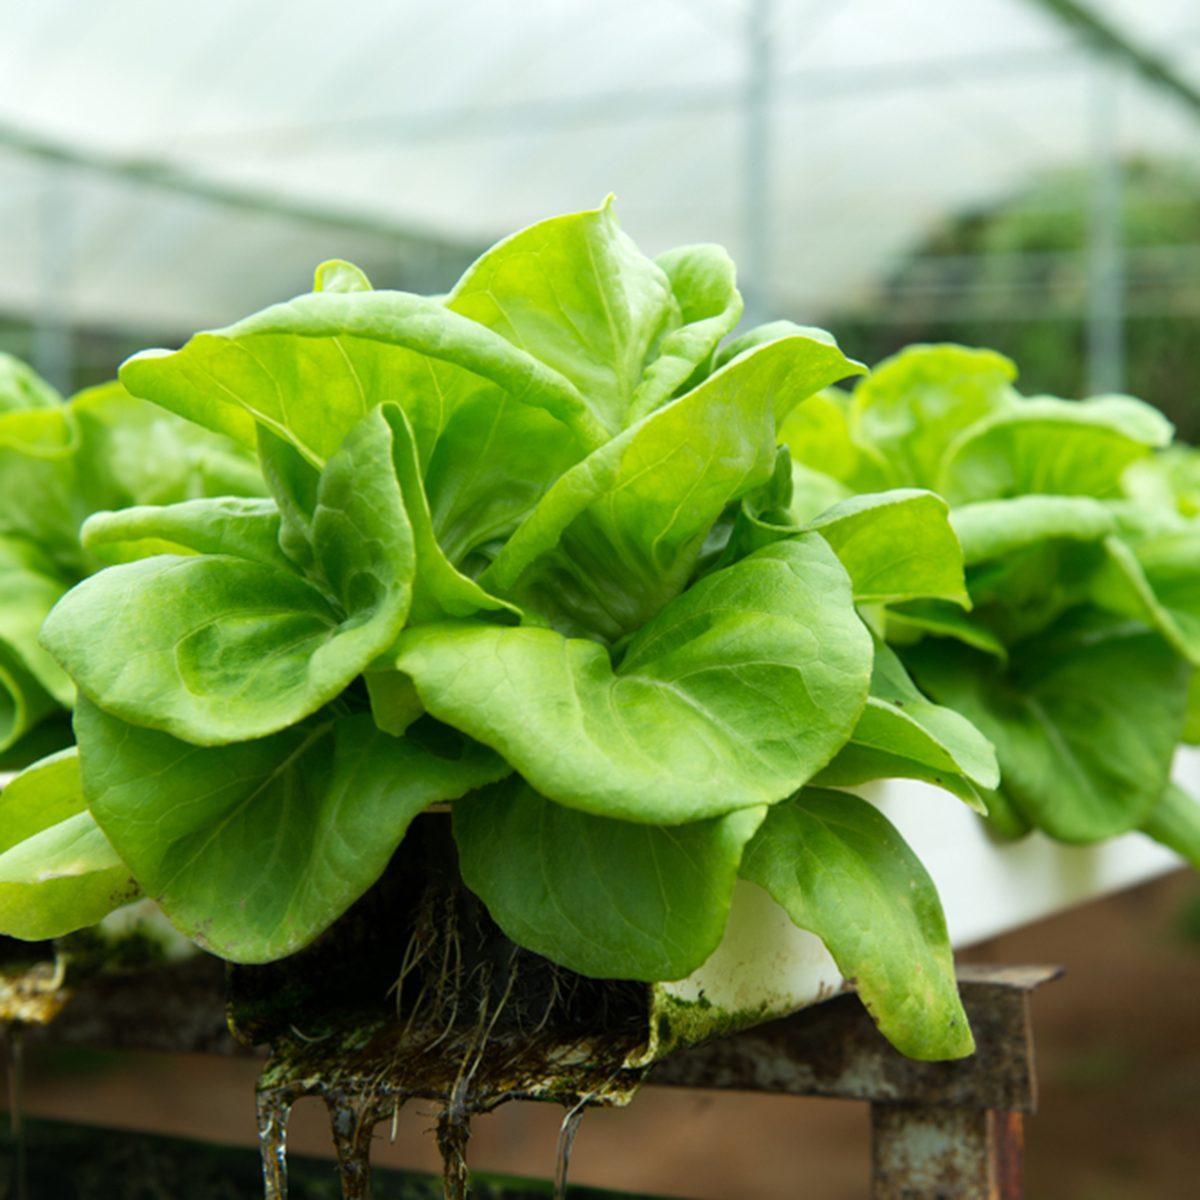 Hydroponic butterhead lettuce growing in a greenhouse